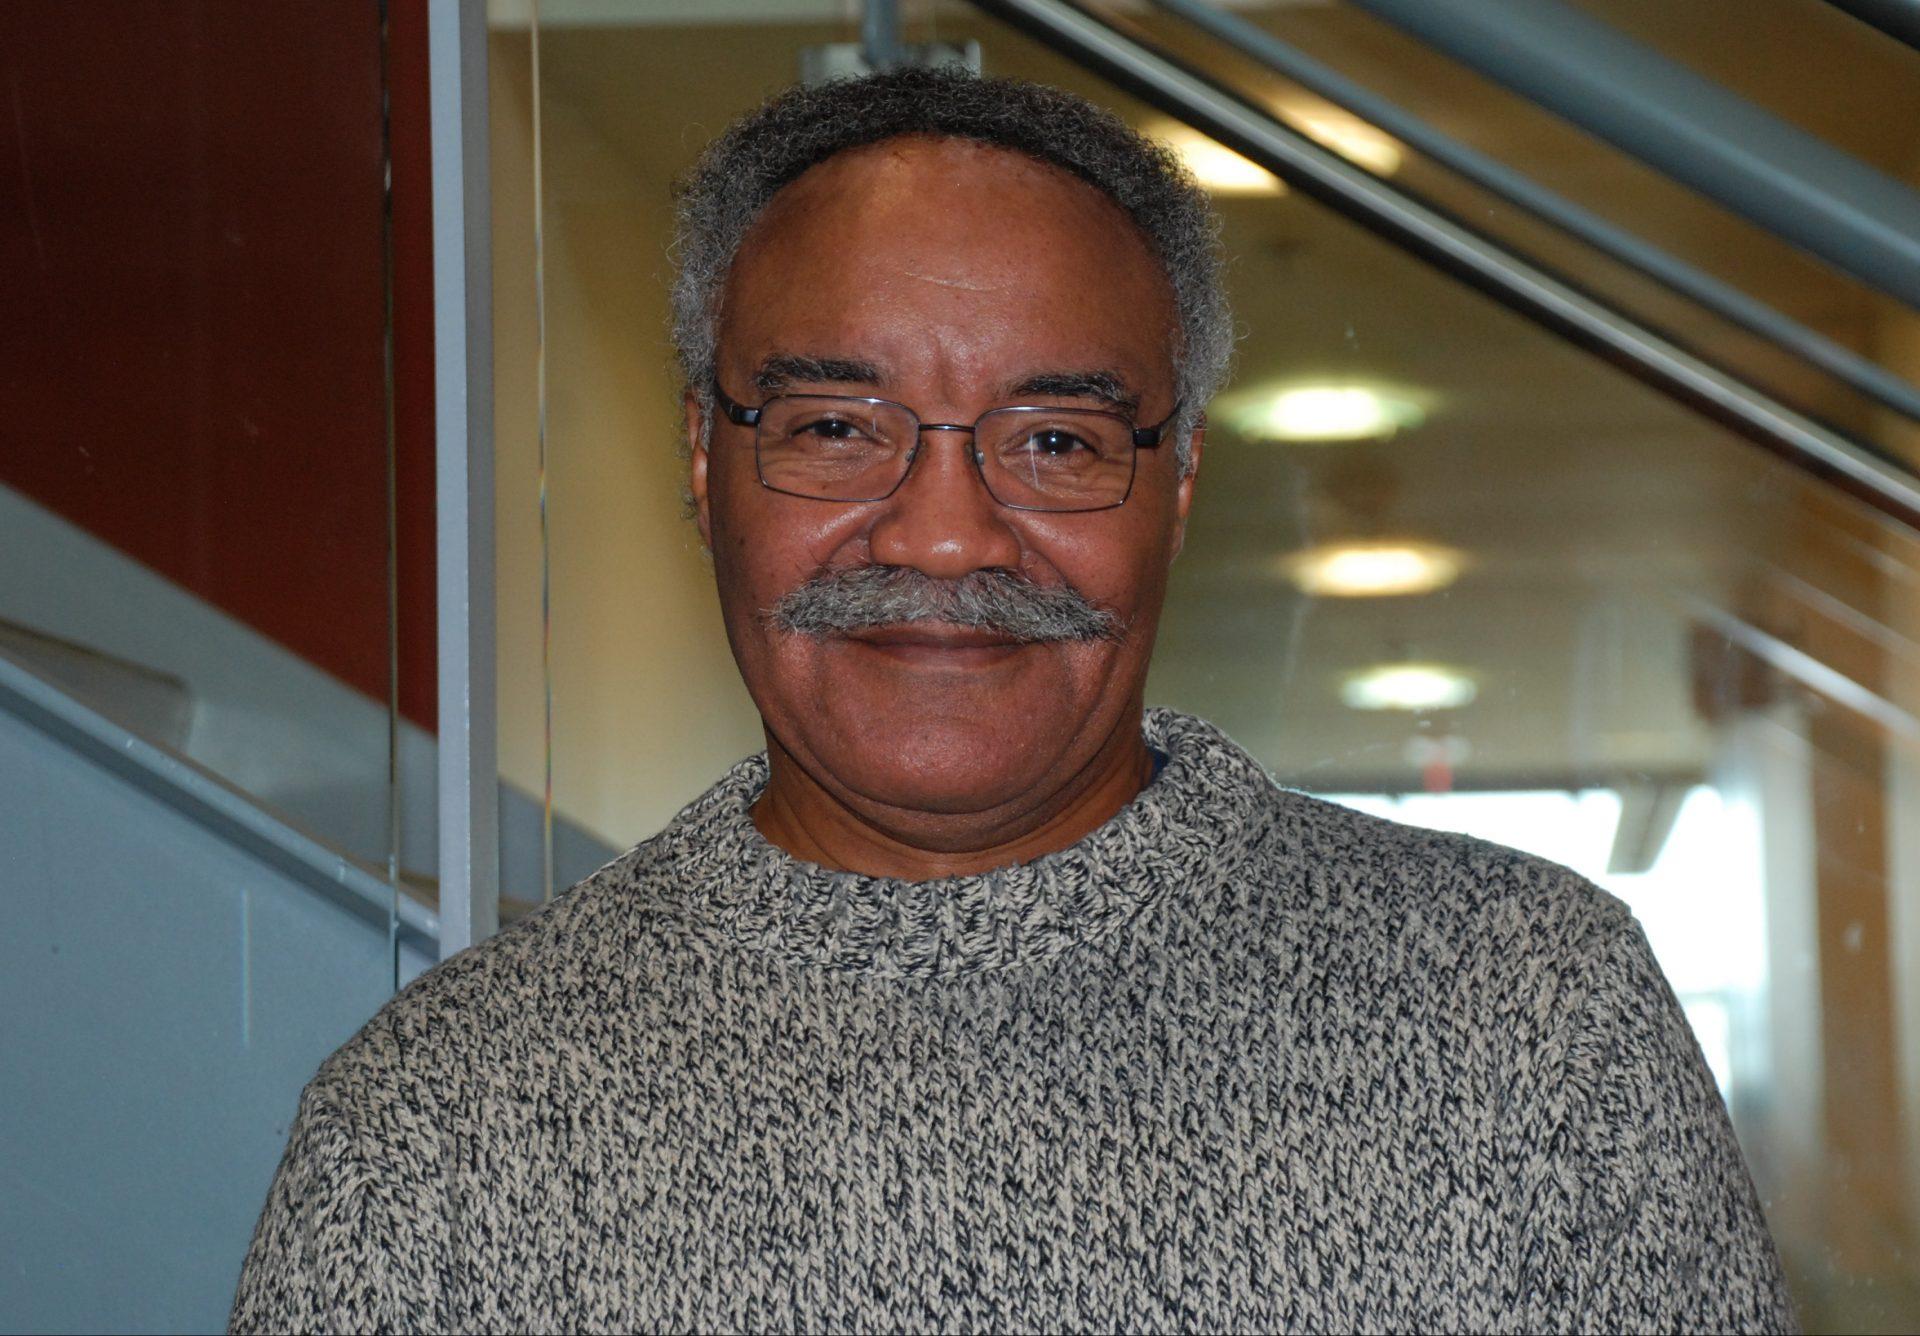 Professor T. JoelWade,Ph.D. appeared on Smart Talk on February 14, 2020.